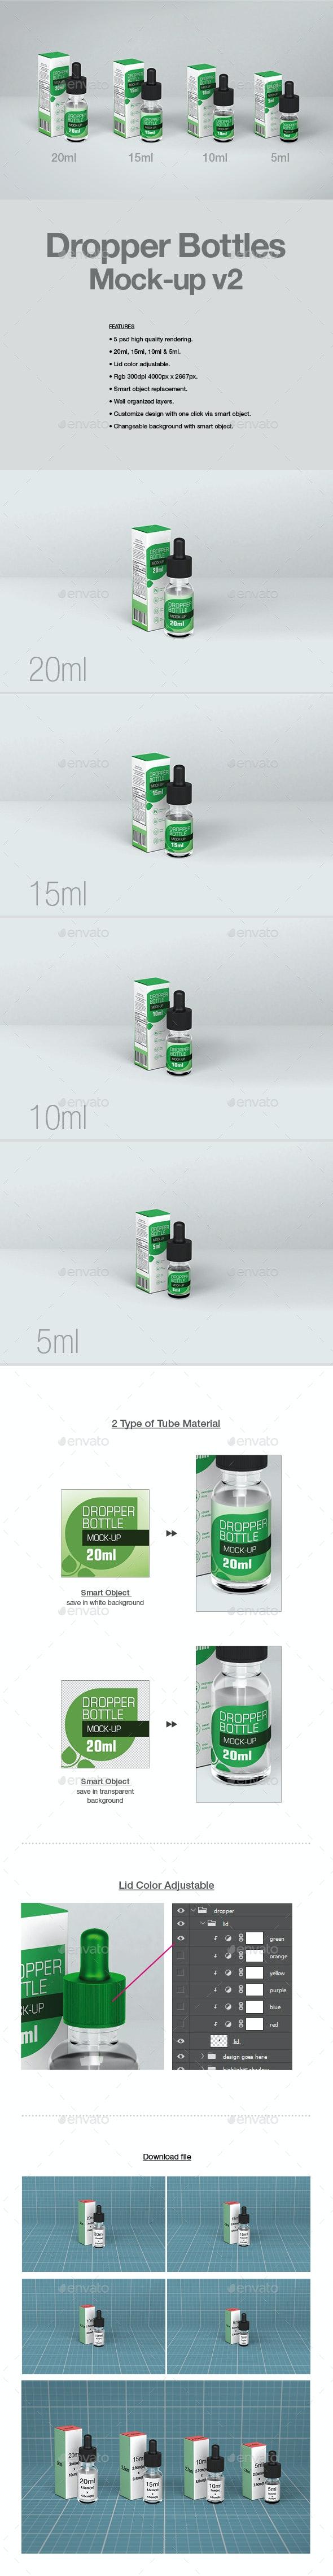 Dropper Bottles Mock-up v2 - Packaging Product Mock-Ups